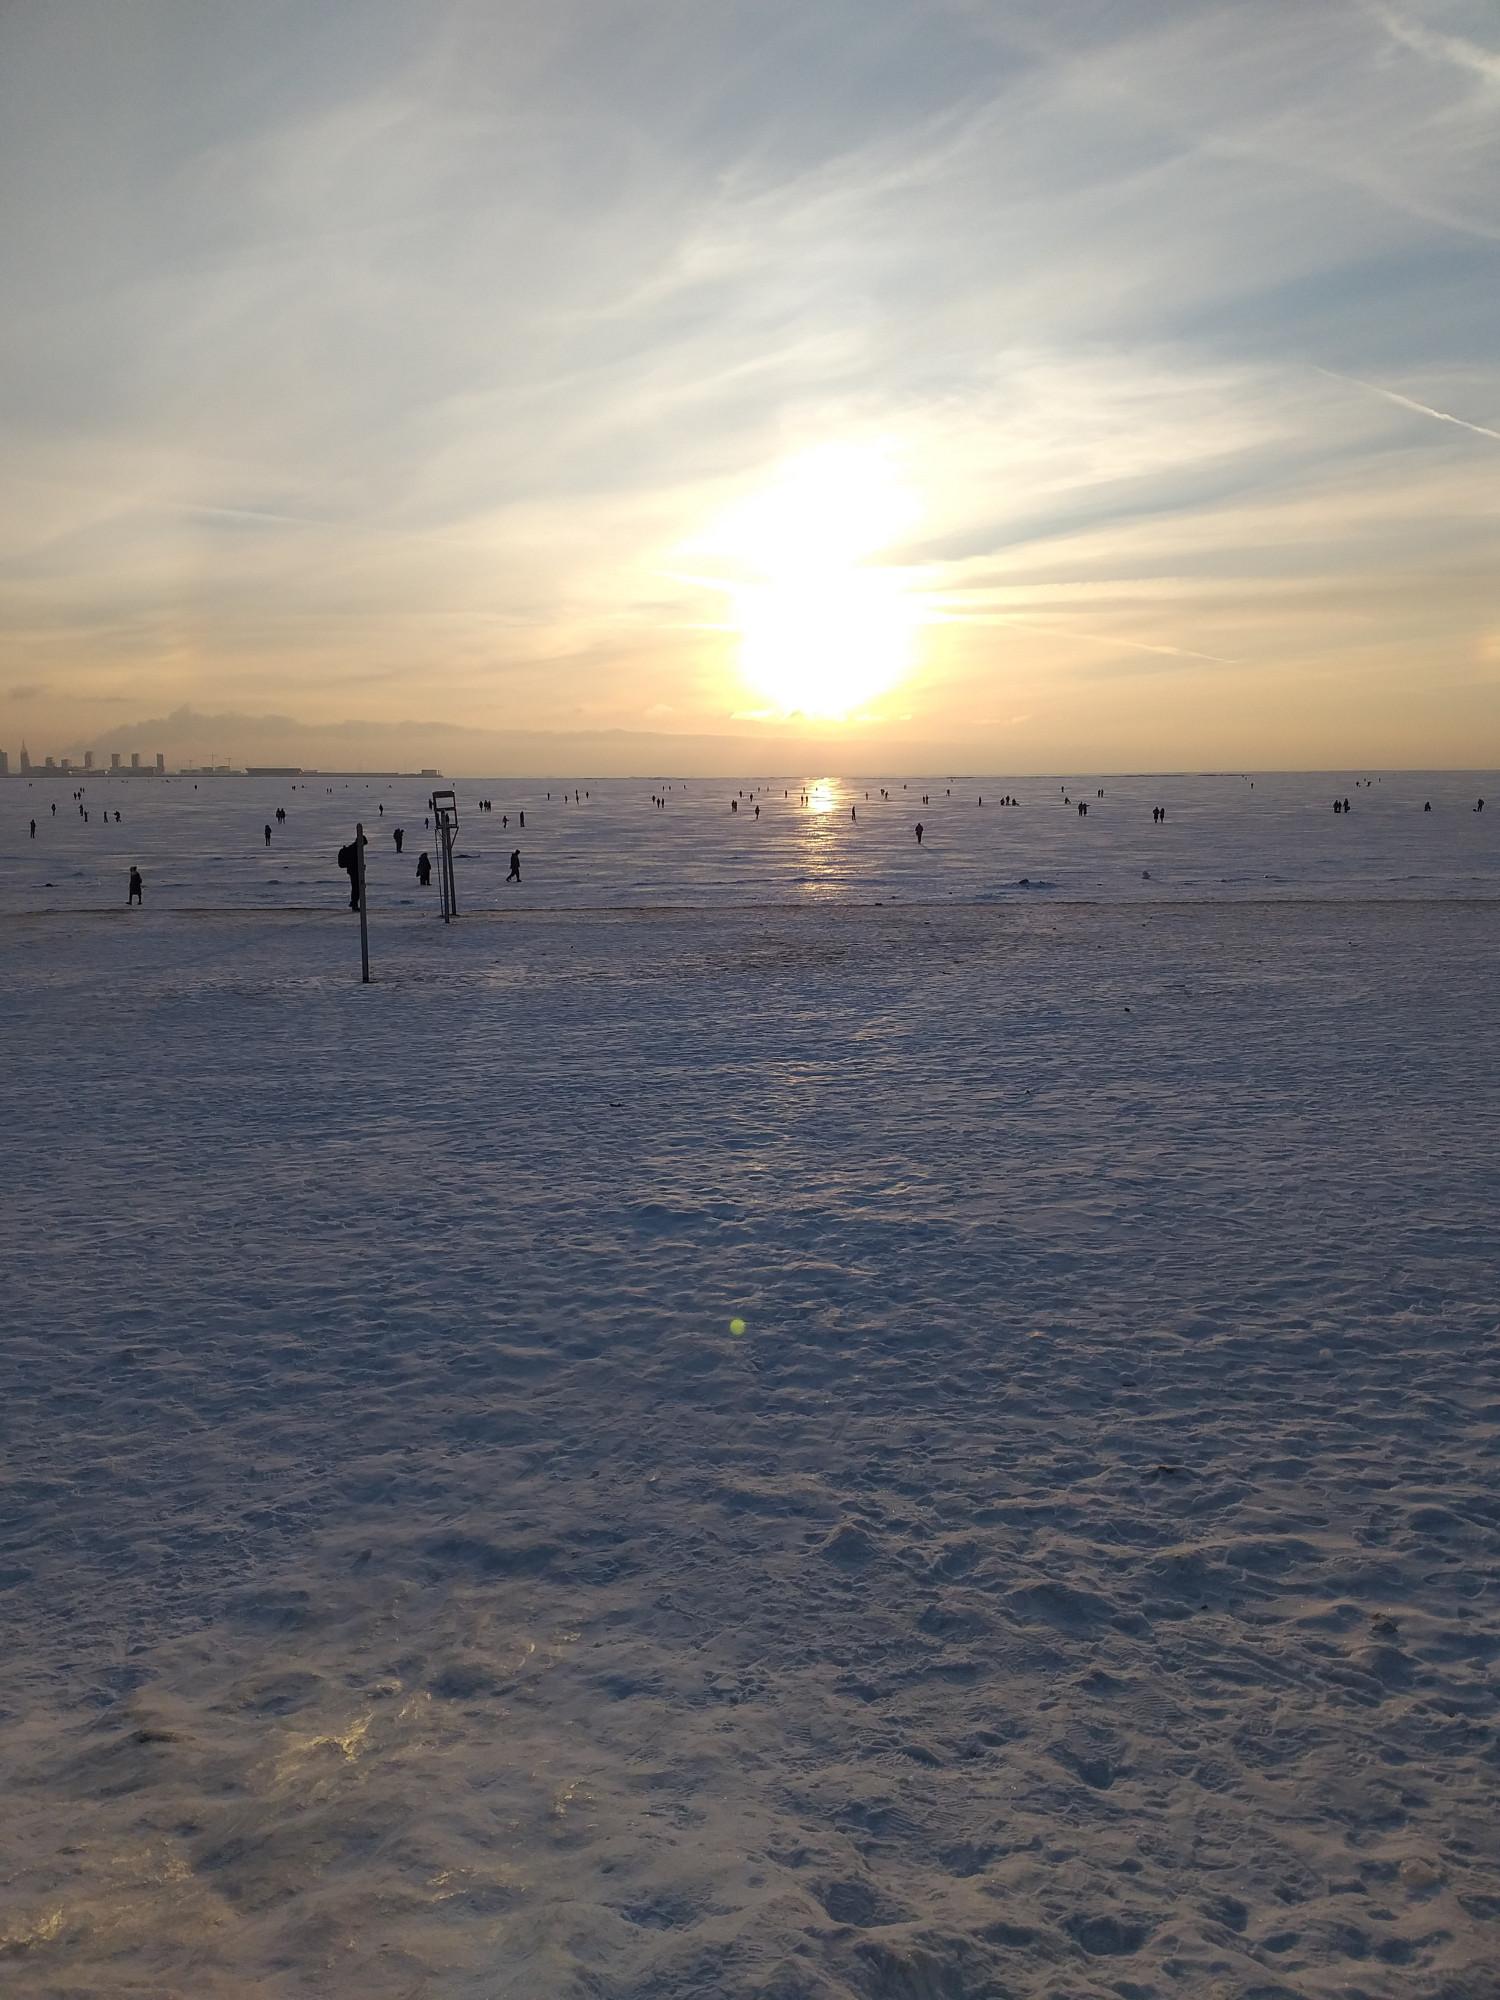 Позавчера было солнечно, вдоль горизонта, ха-ха! И морозно- до минус 12-14. Народ резко побрел на свет божий, как мошкА неразумная. Куда прутся на залив!? Там же полынья на полынье. Ладно бы еще больные на всю голову подледные рыбаки, но половина пешеходов- родители с детьми.